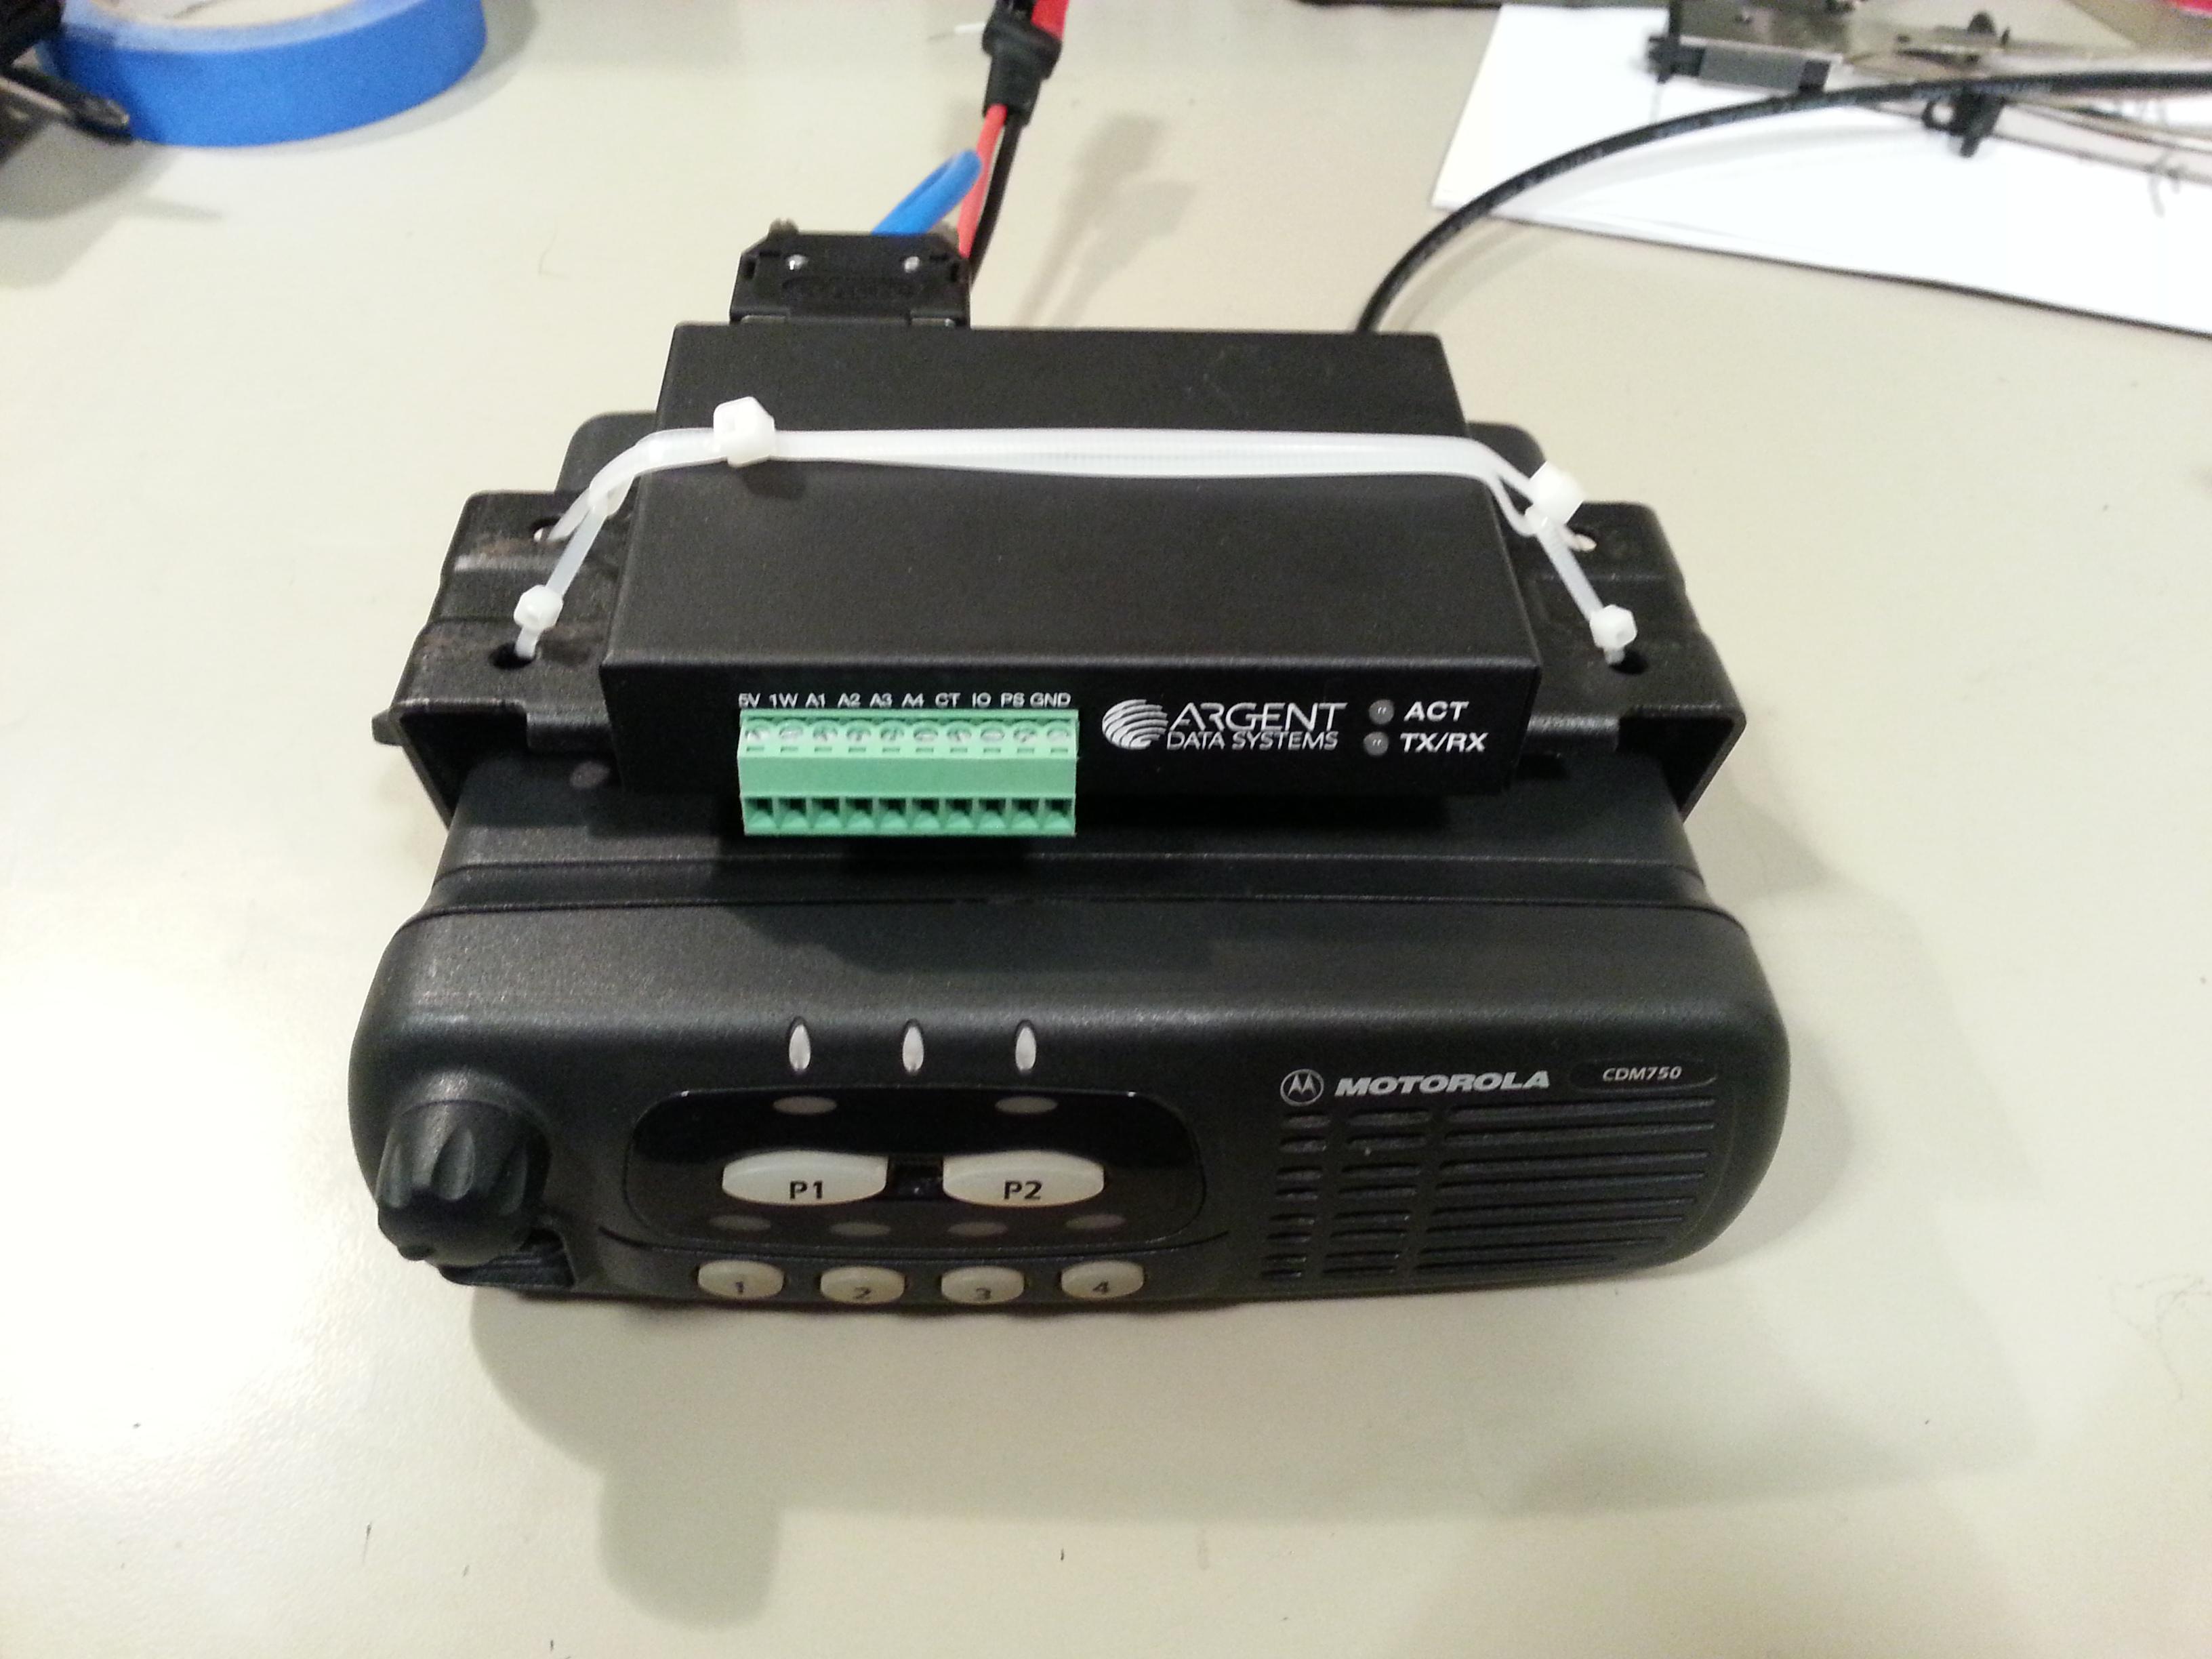 Motorola CDM750 plus OT3m front view